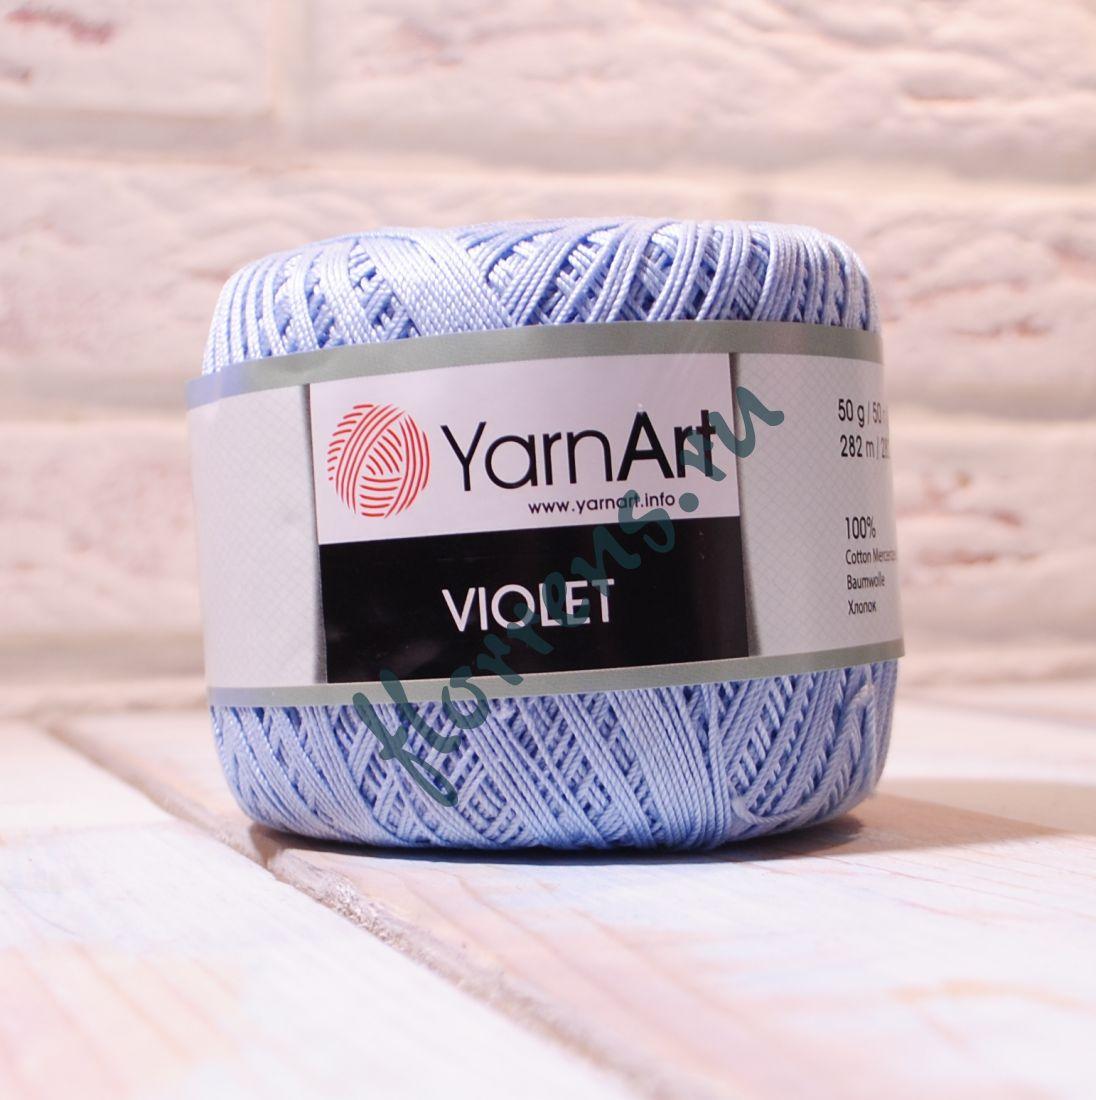 Пряжа YarnArt Violet / 4917 нежно-голубой